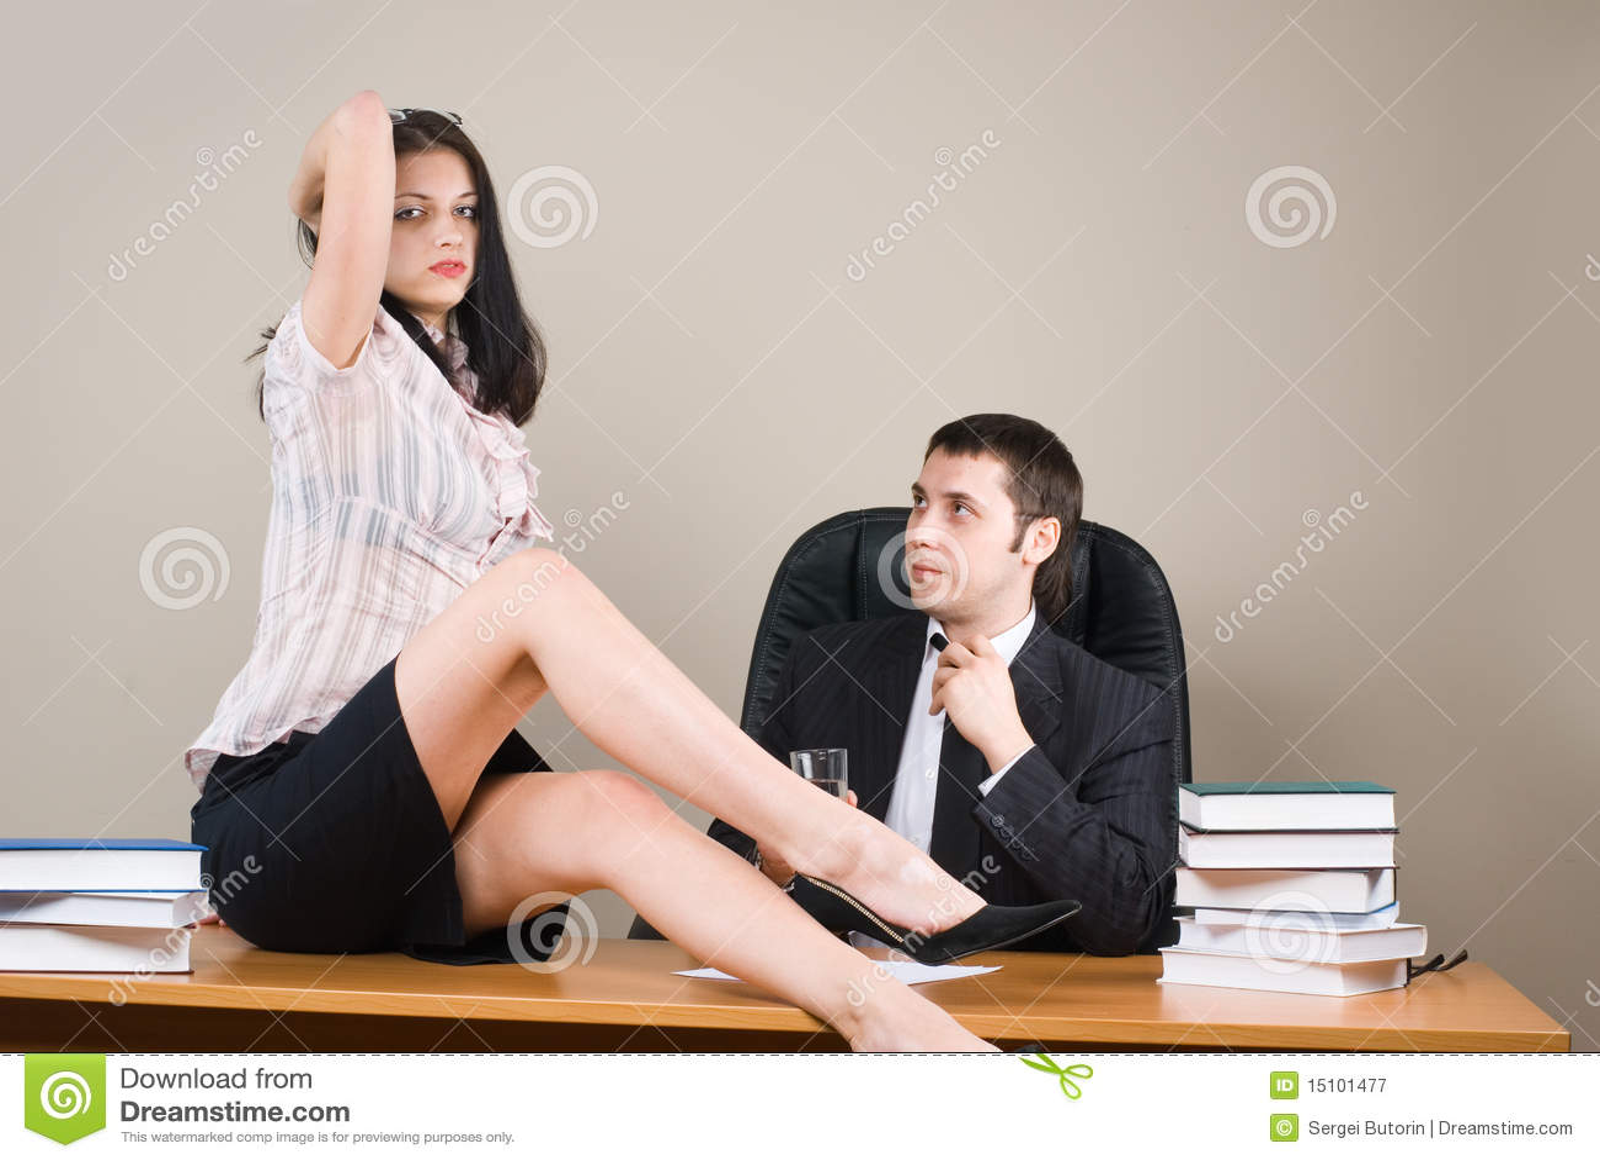 Ролевая игра босс и секретарша 14 фотография